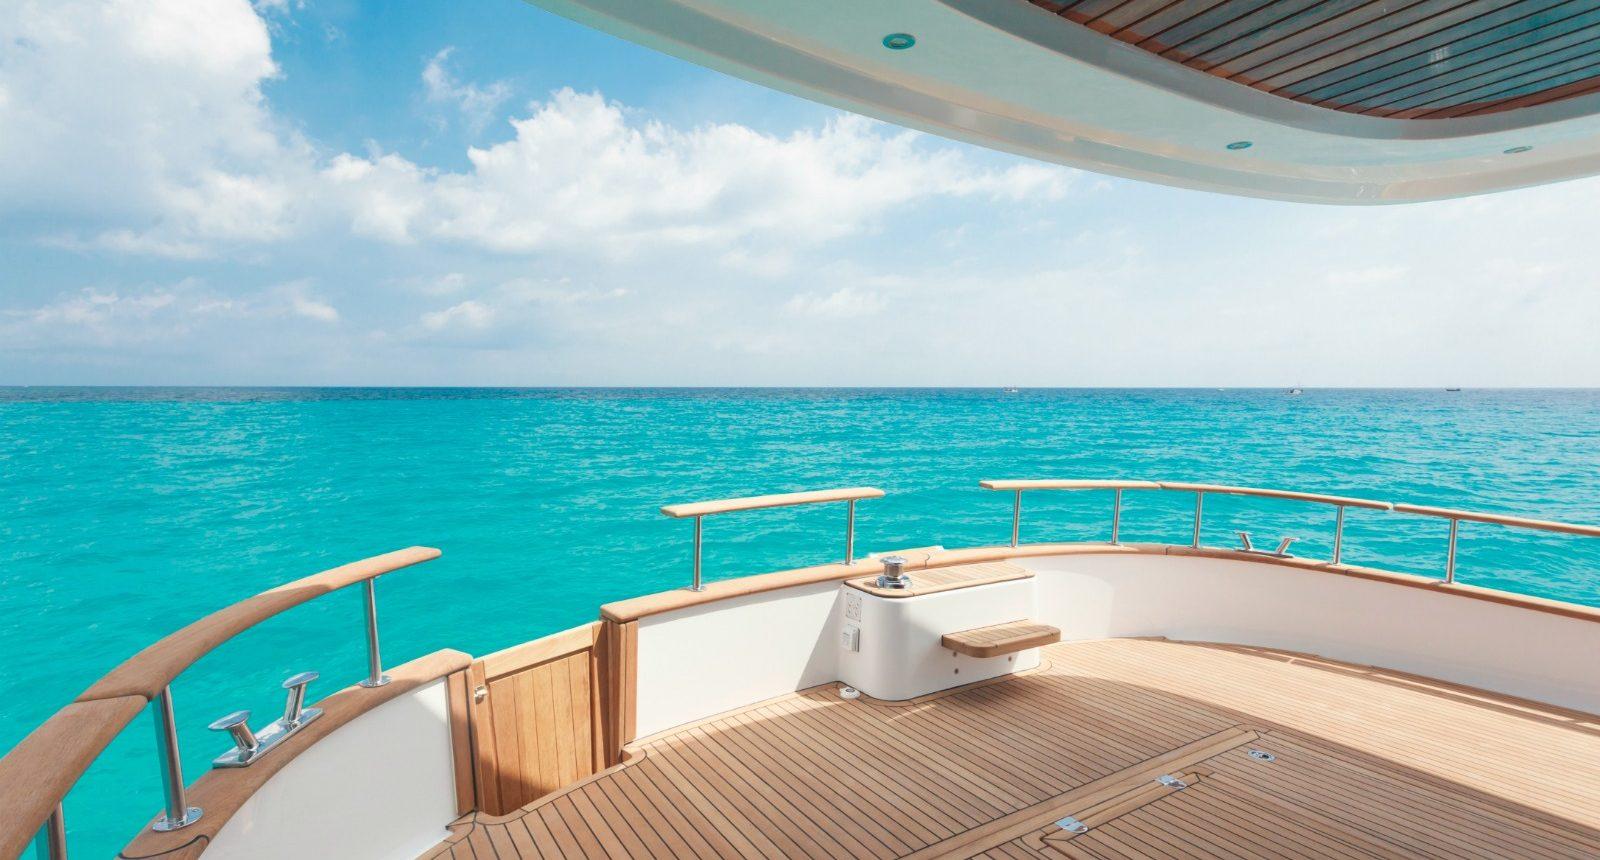 Minorca Islander 54 flybridge yacht for sale - back deck